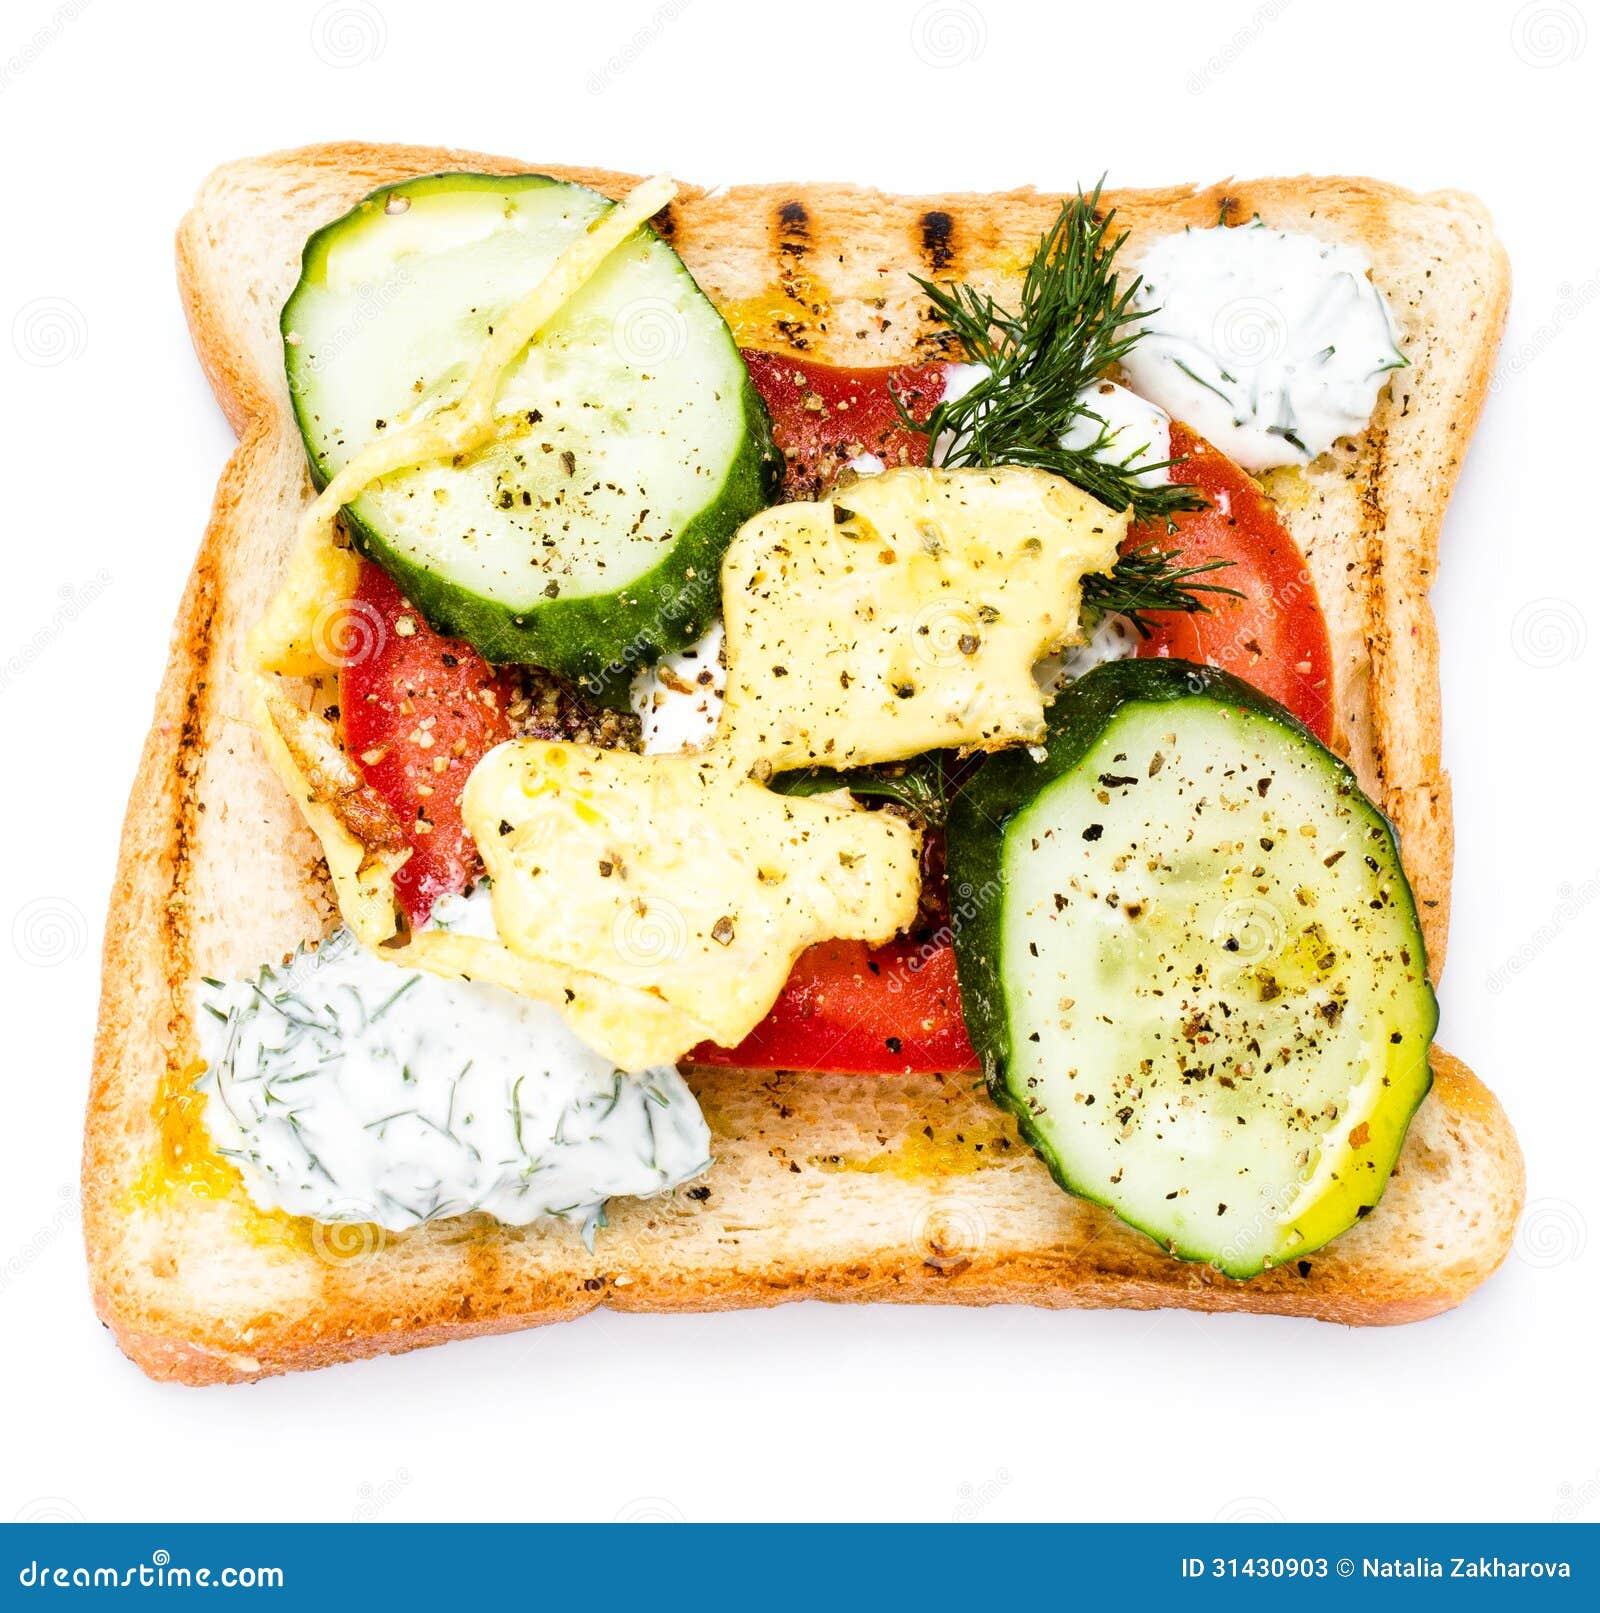 Verse toost met brood, gebraden eieren, groenten en room, isolat